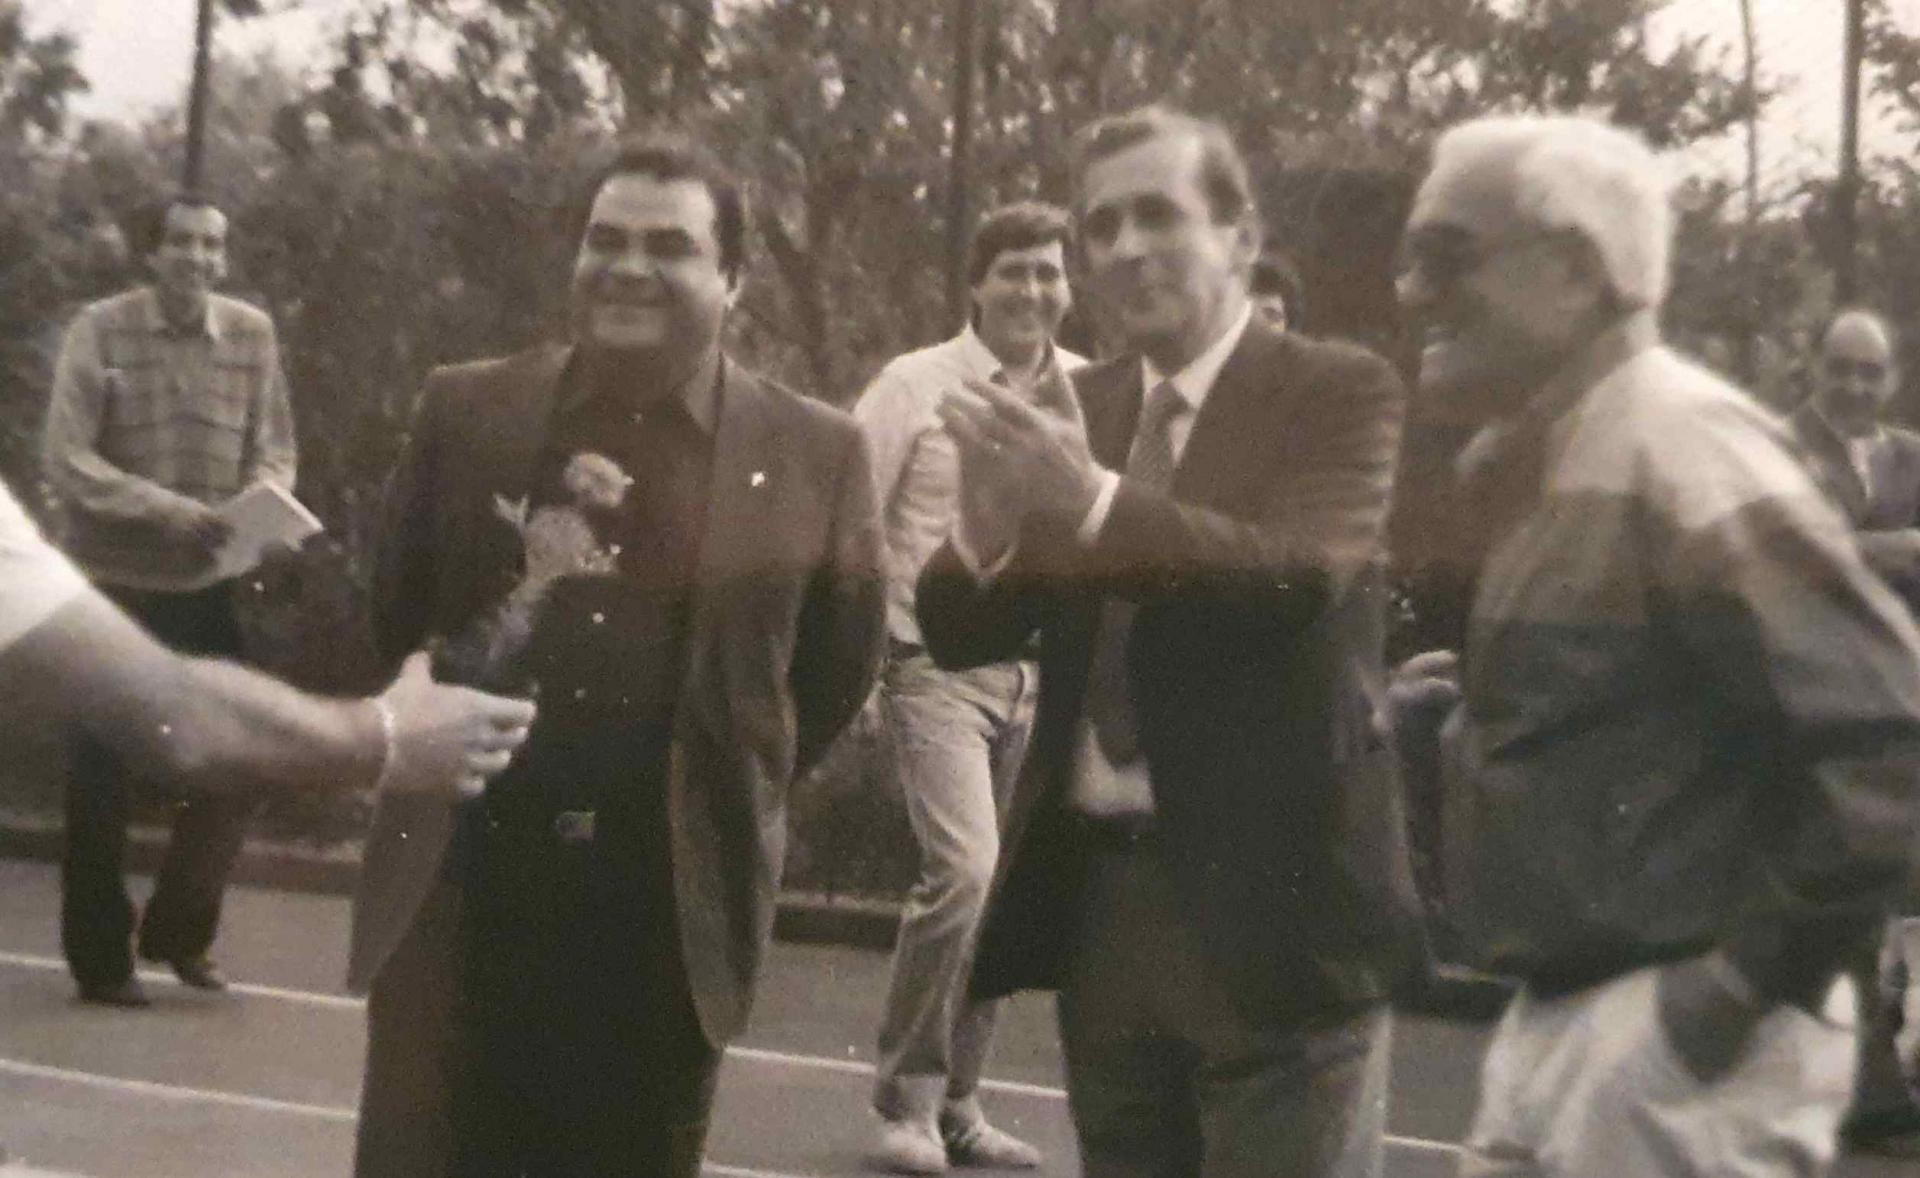 1983-Torneo del Minestrone - Mario Morandini dietro Don Gaetano e Valdo Ferrini.jpg